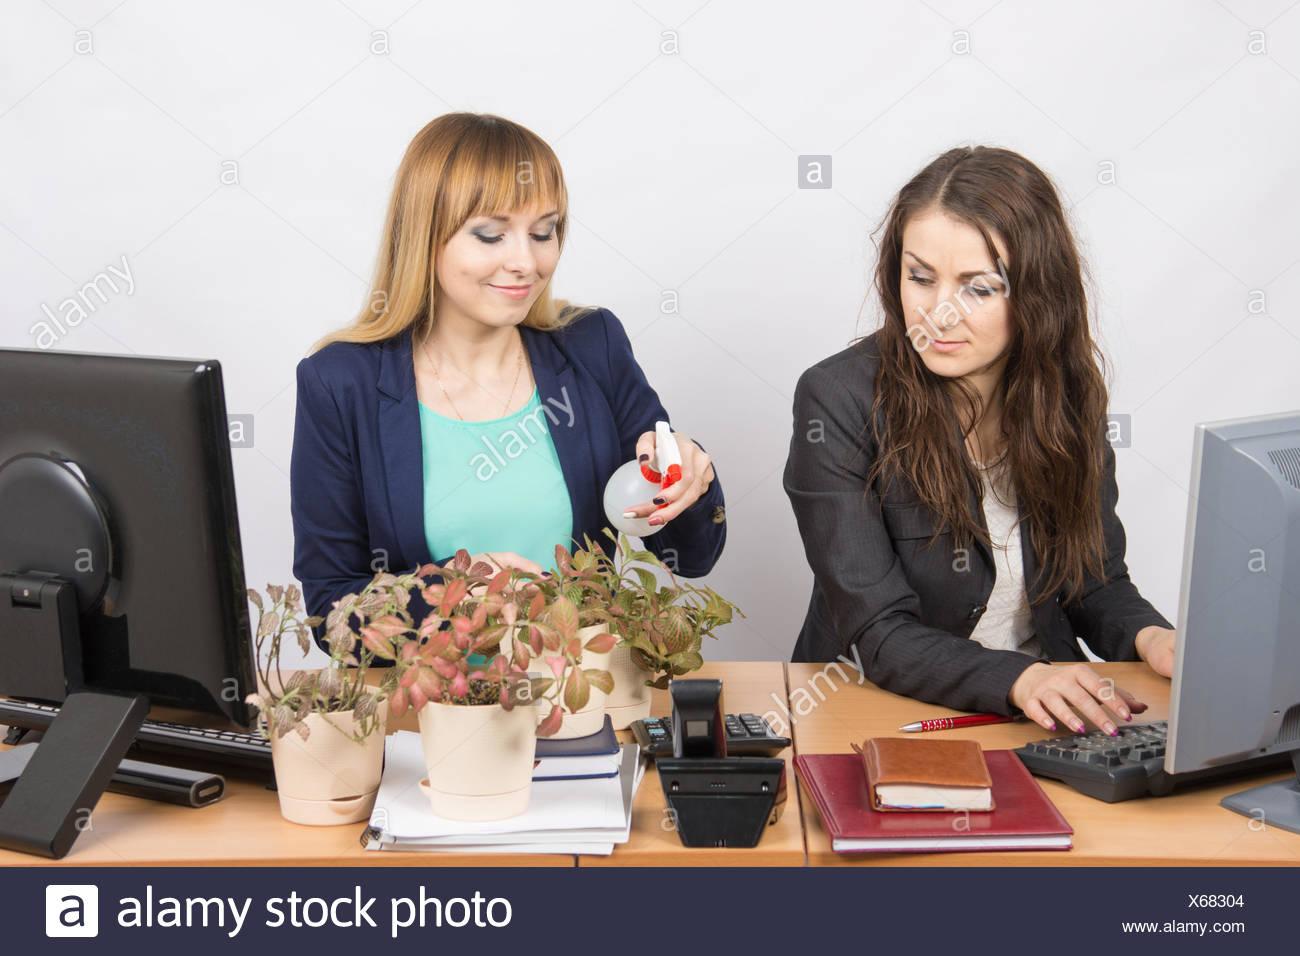 Employé de bureau semble hostile au Colegio, obsédé houseplants Photo Stock